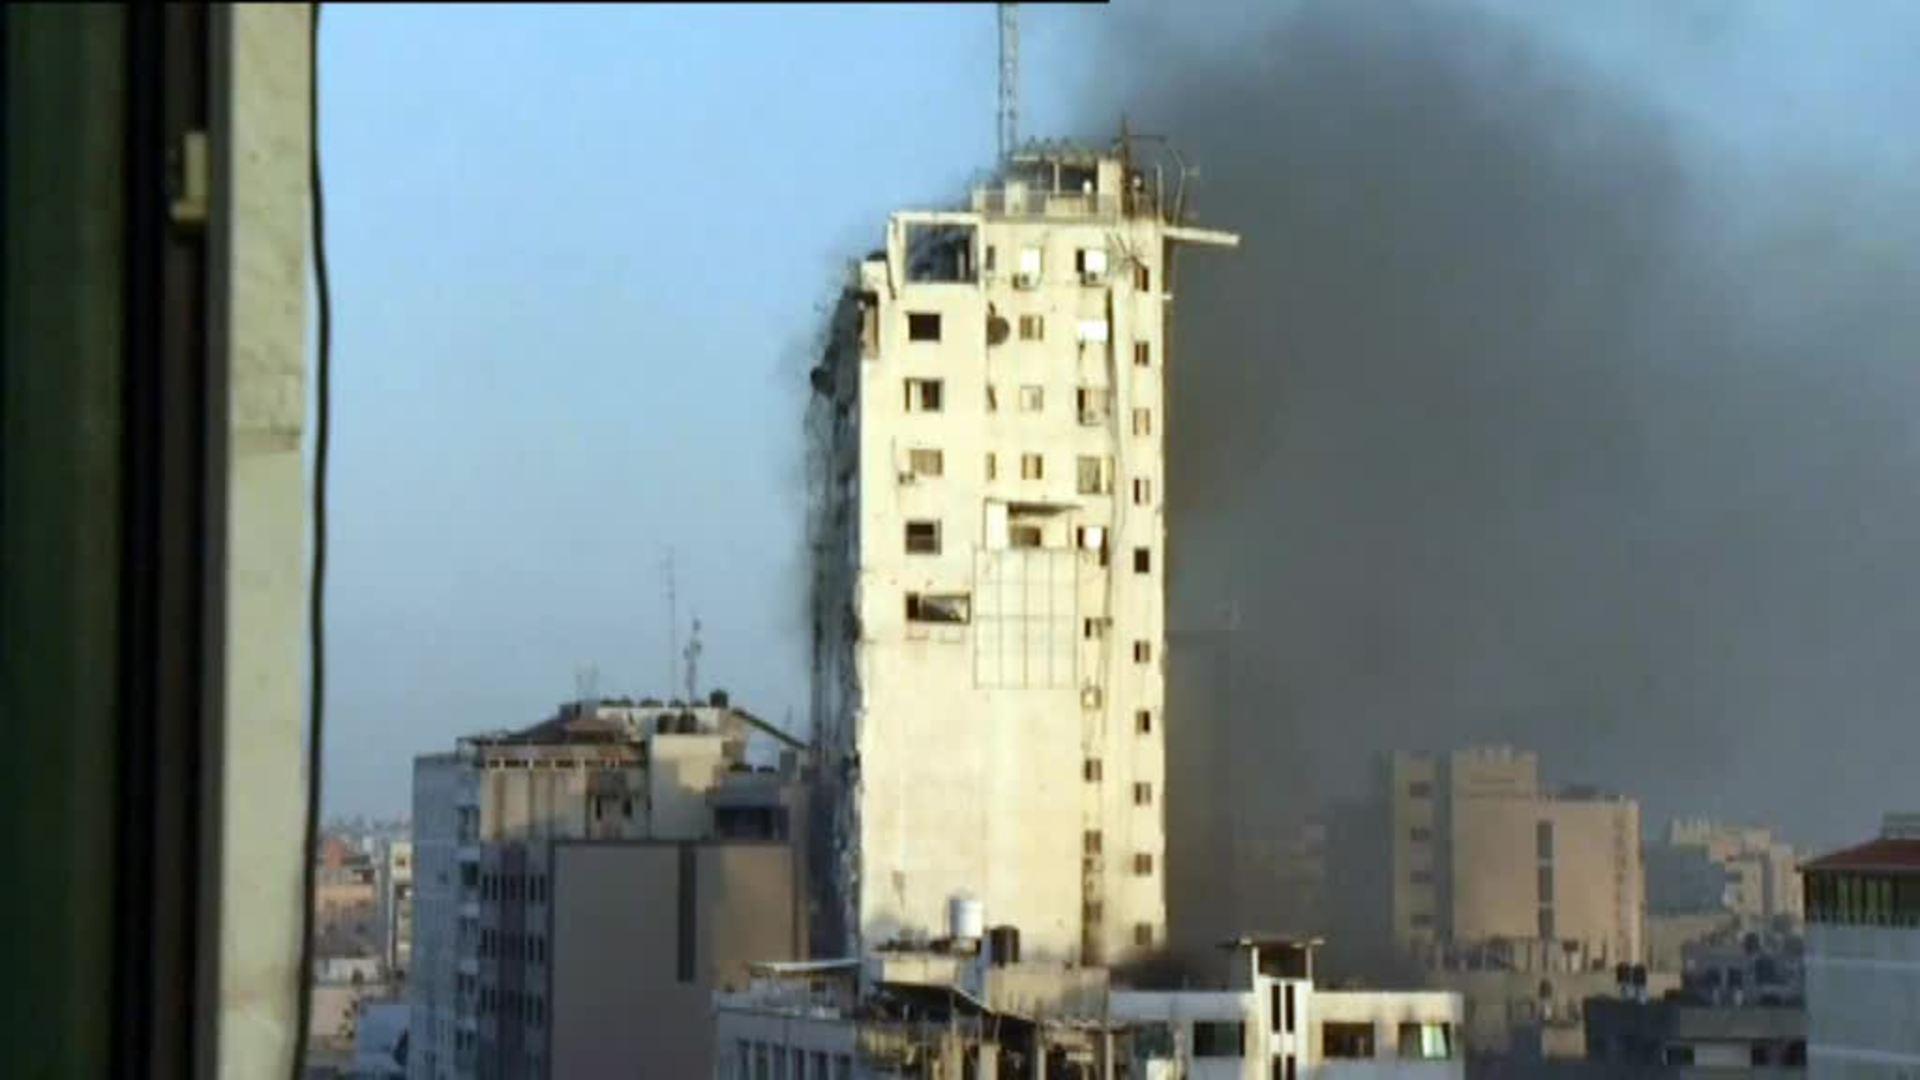 Imágenes de cómo el Ejército israelí bombardea un edificio de 14 plantas en Gaza